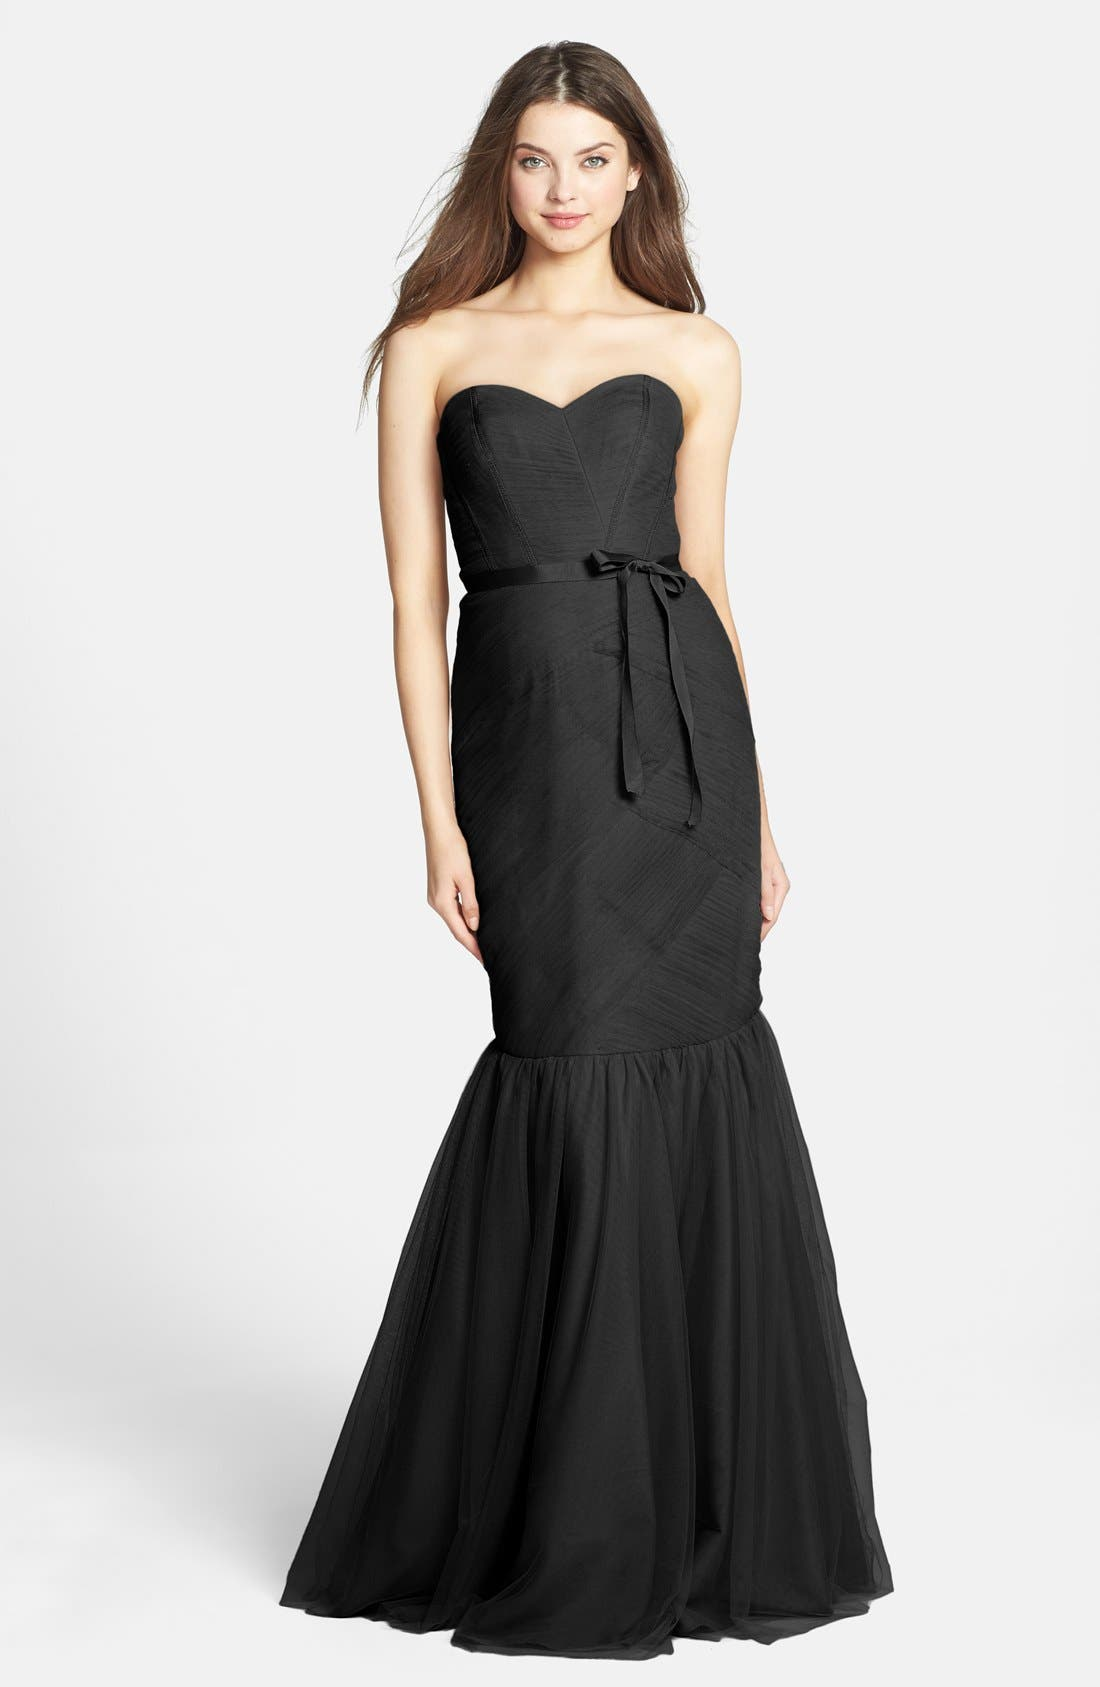 Main Image - Monique Lhuillier Bridesmaids Strapless Tulle Trumpet Dress